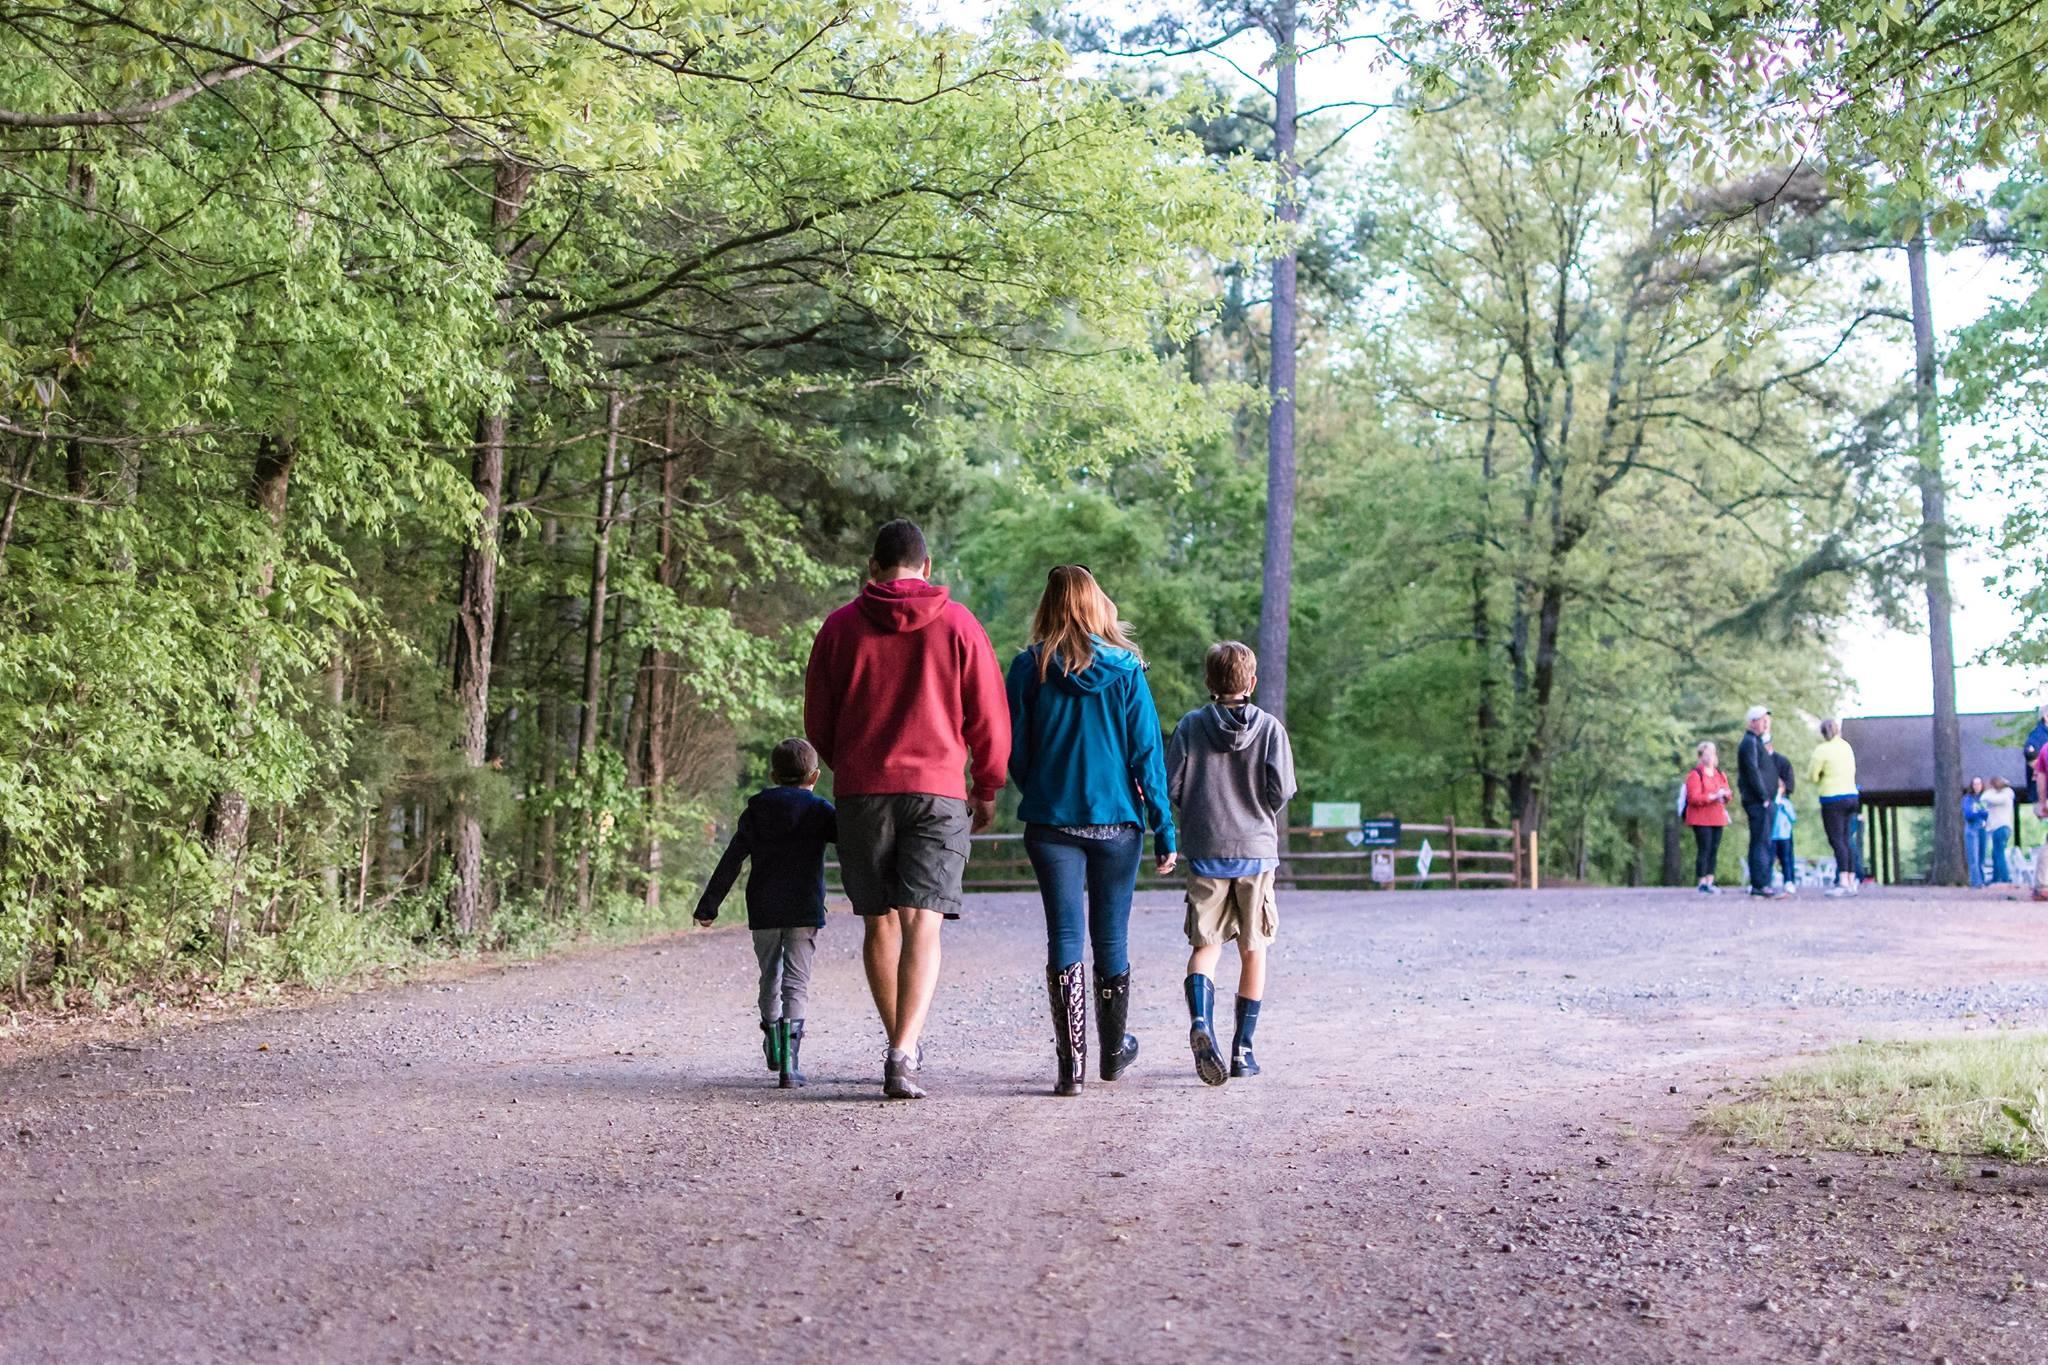 Family walking down a path